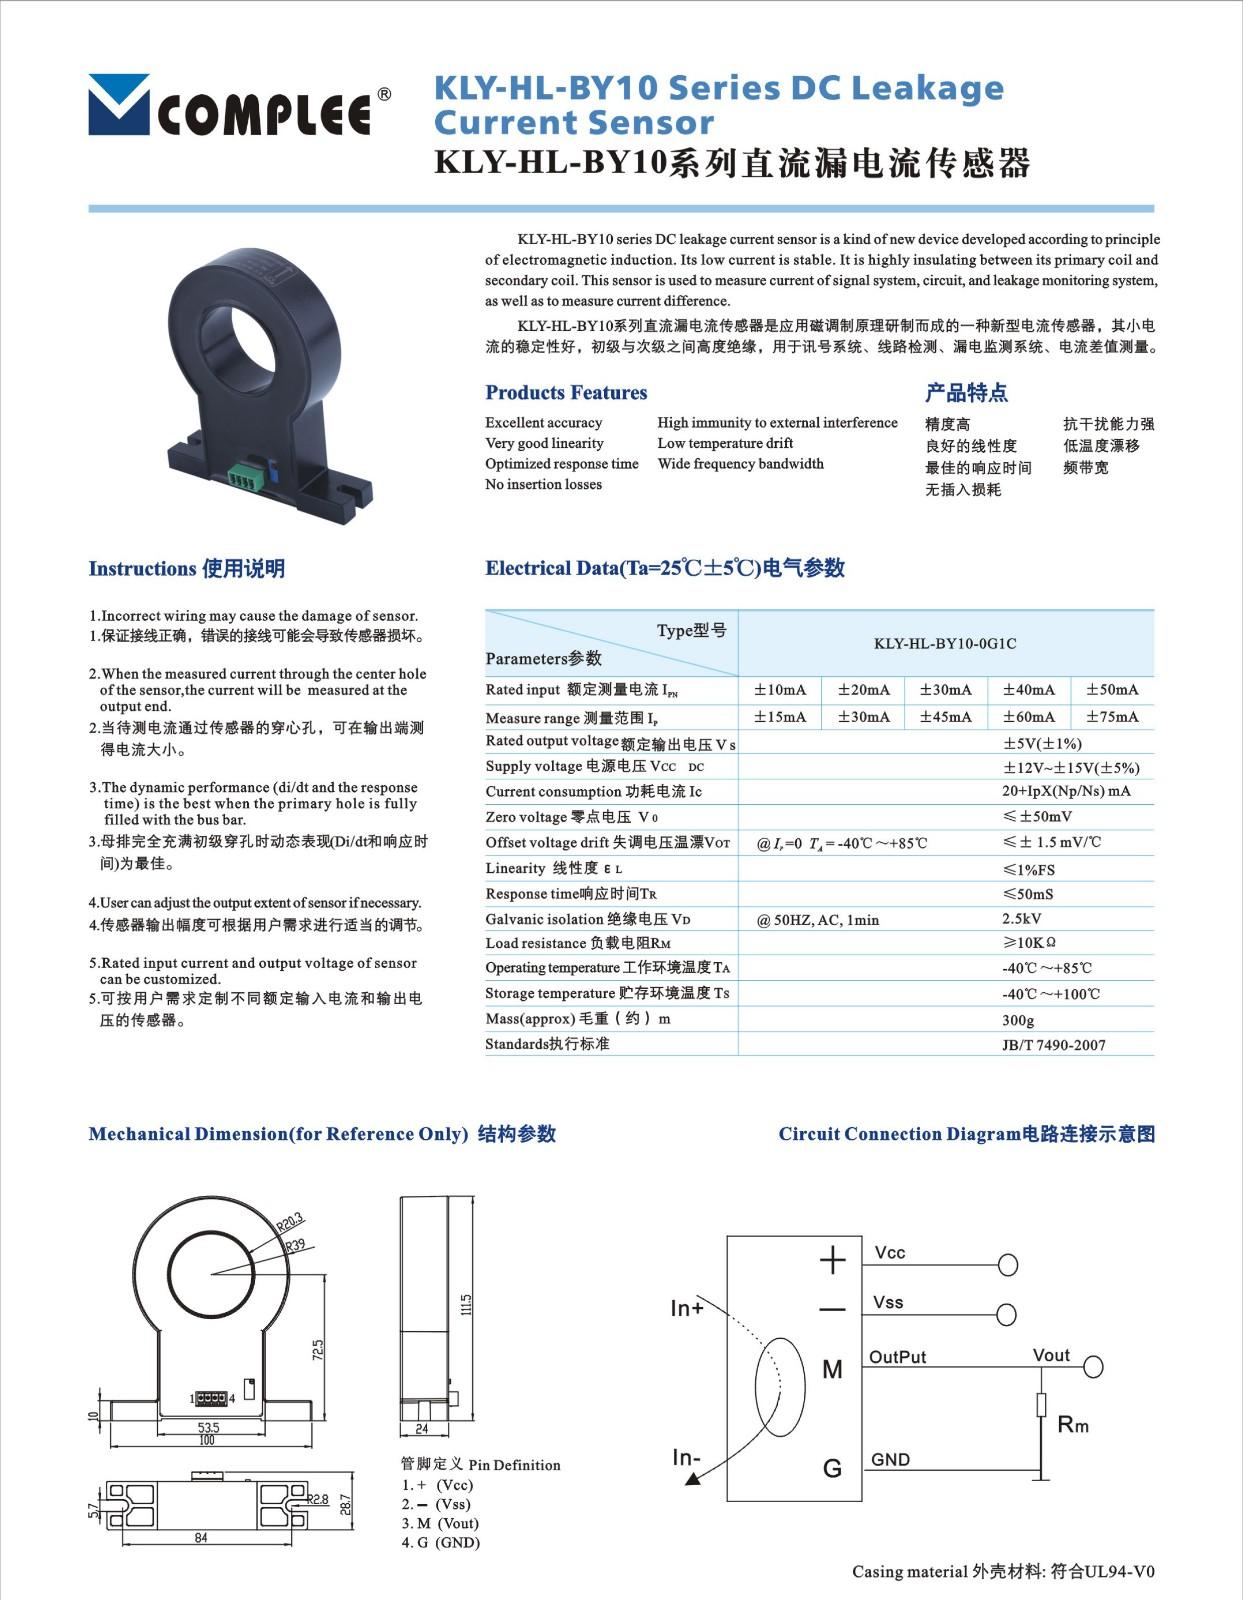 201710霍尔传感器样本-42 正本.JPG